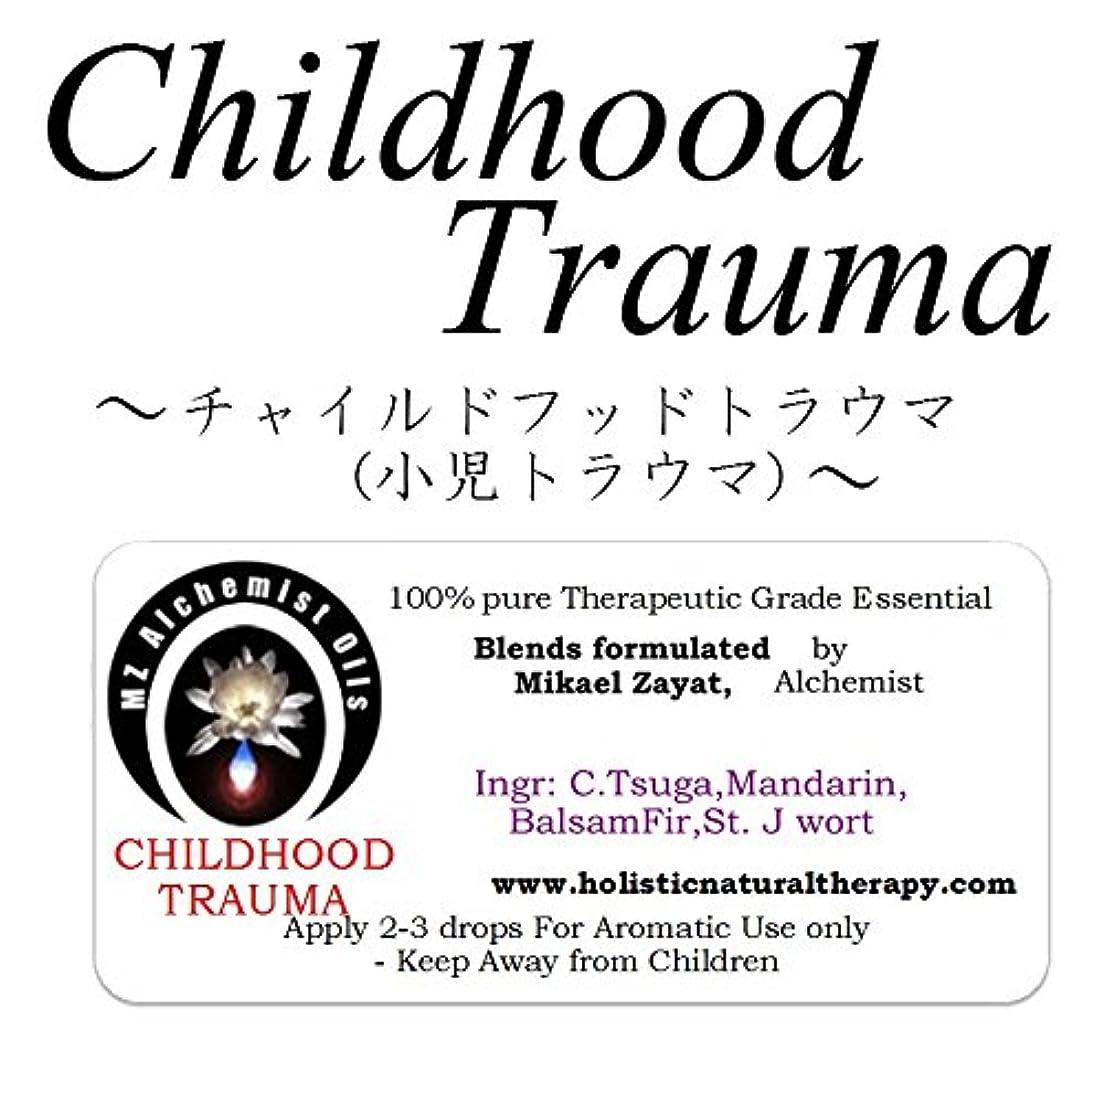 踊り子マラソン申し込むミカエルザヤットアルケミストオイル セラピストグレードアロマオイル Childhood Trauma-チャイルドフット?トラウマ(小児トラウマ)- 4ml